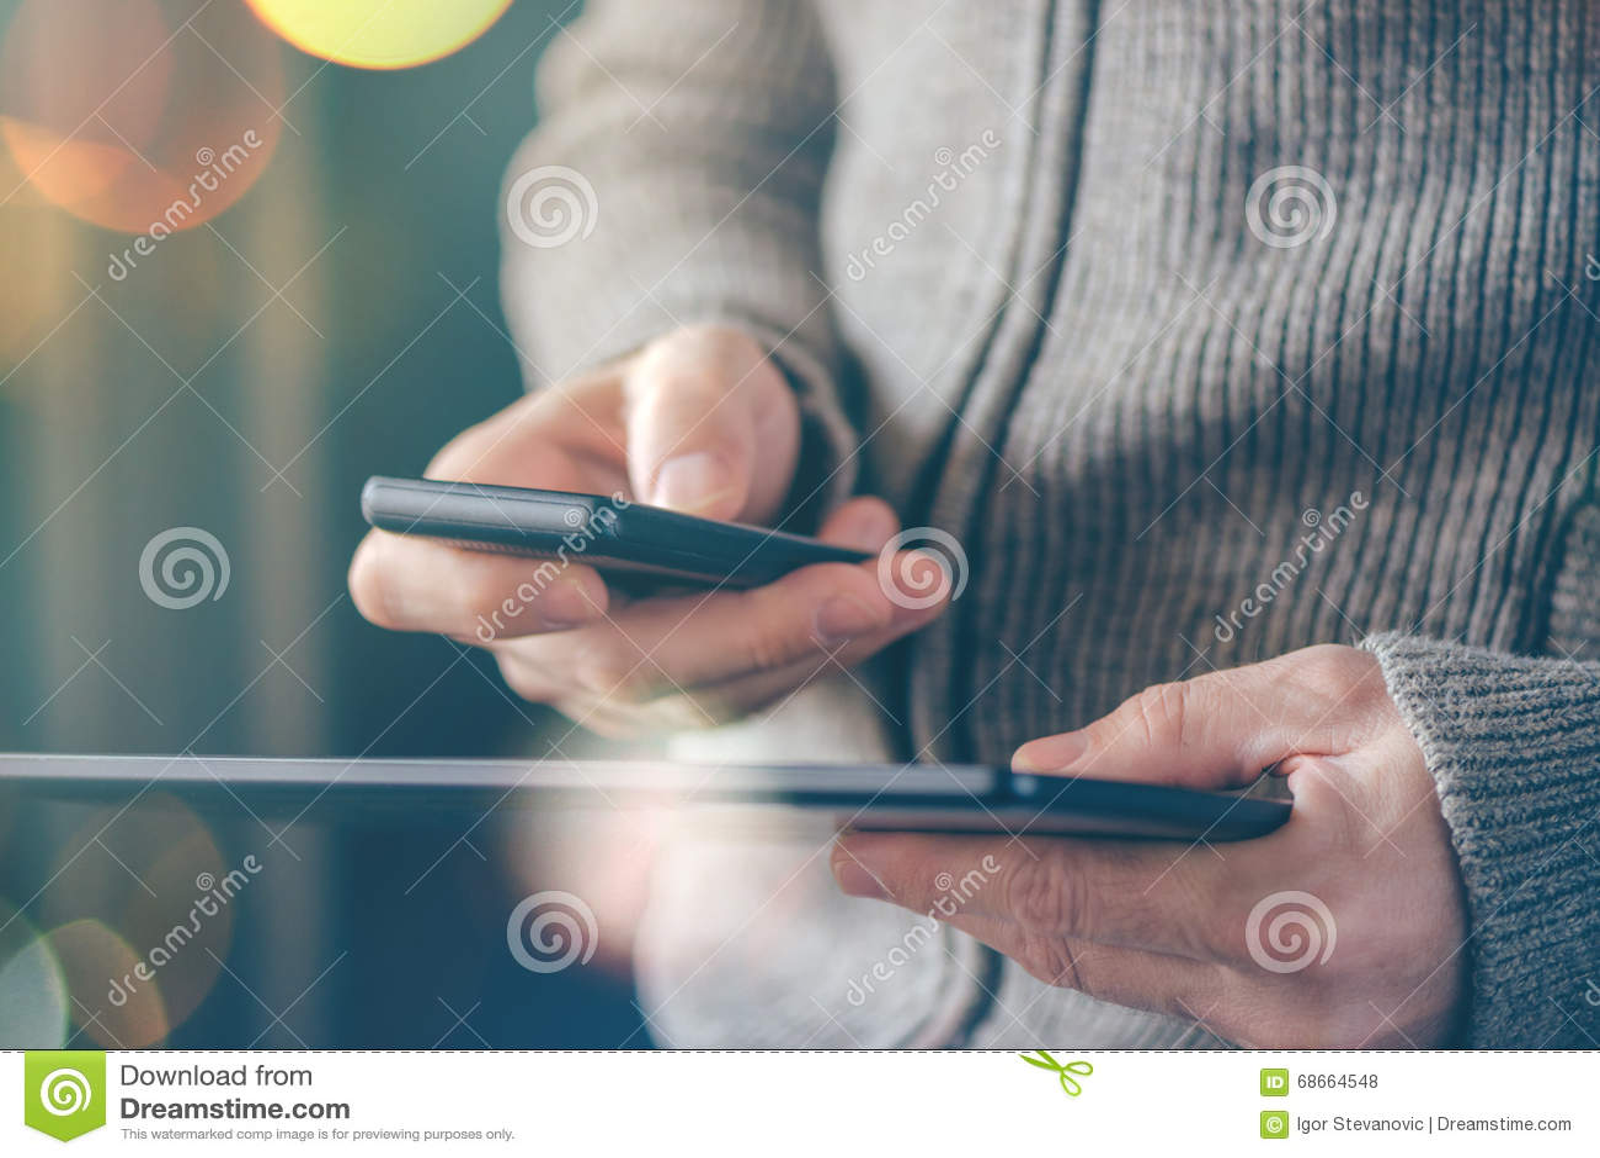 Синхронизация данным по Smartphone и таблетки, файлы человека syncing